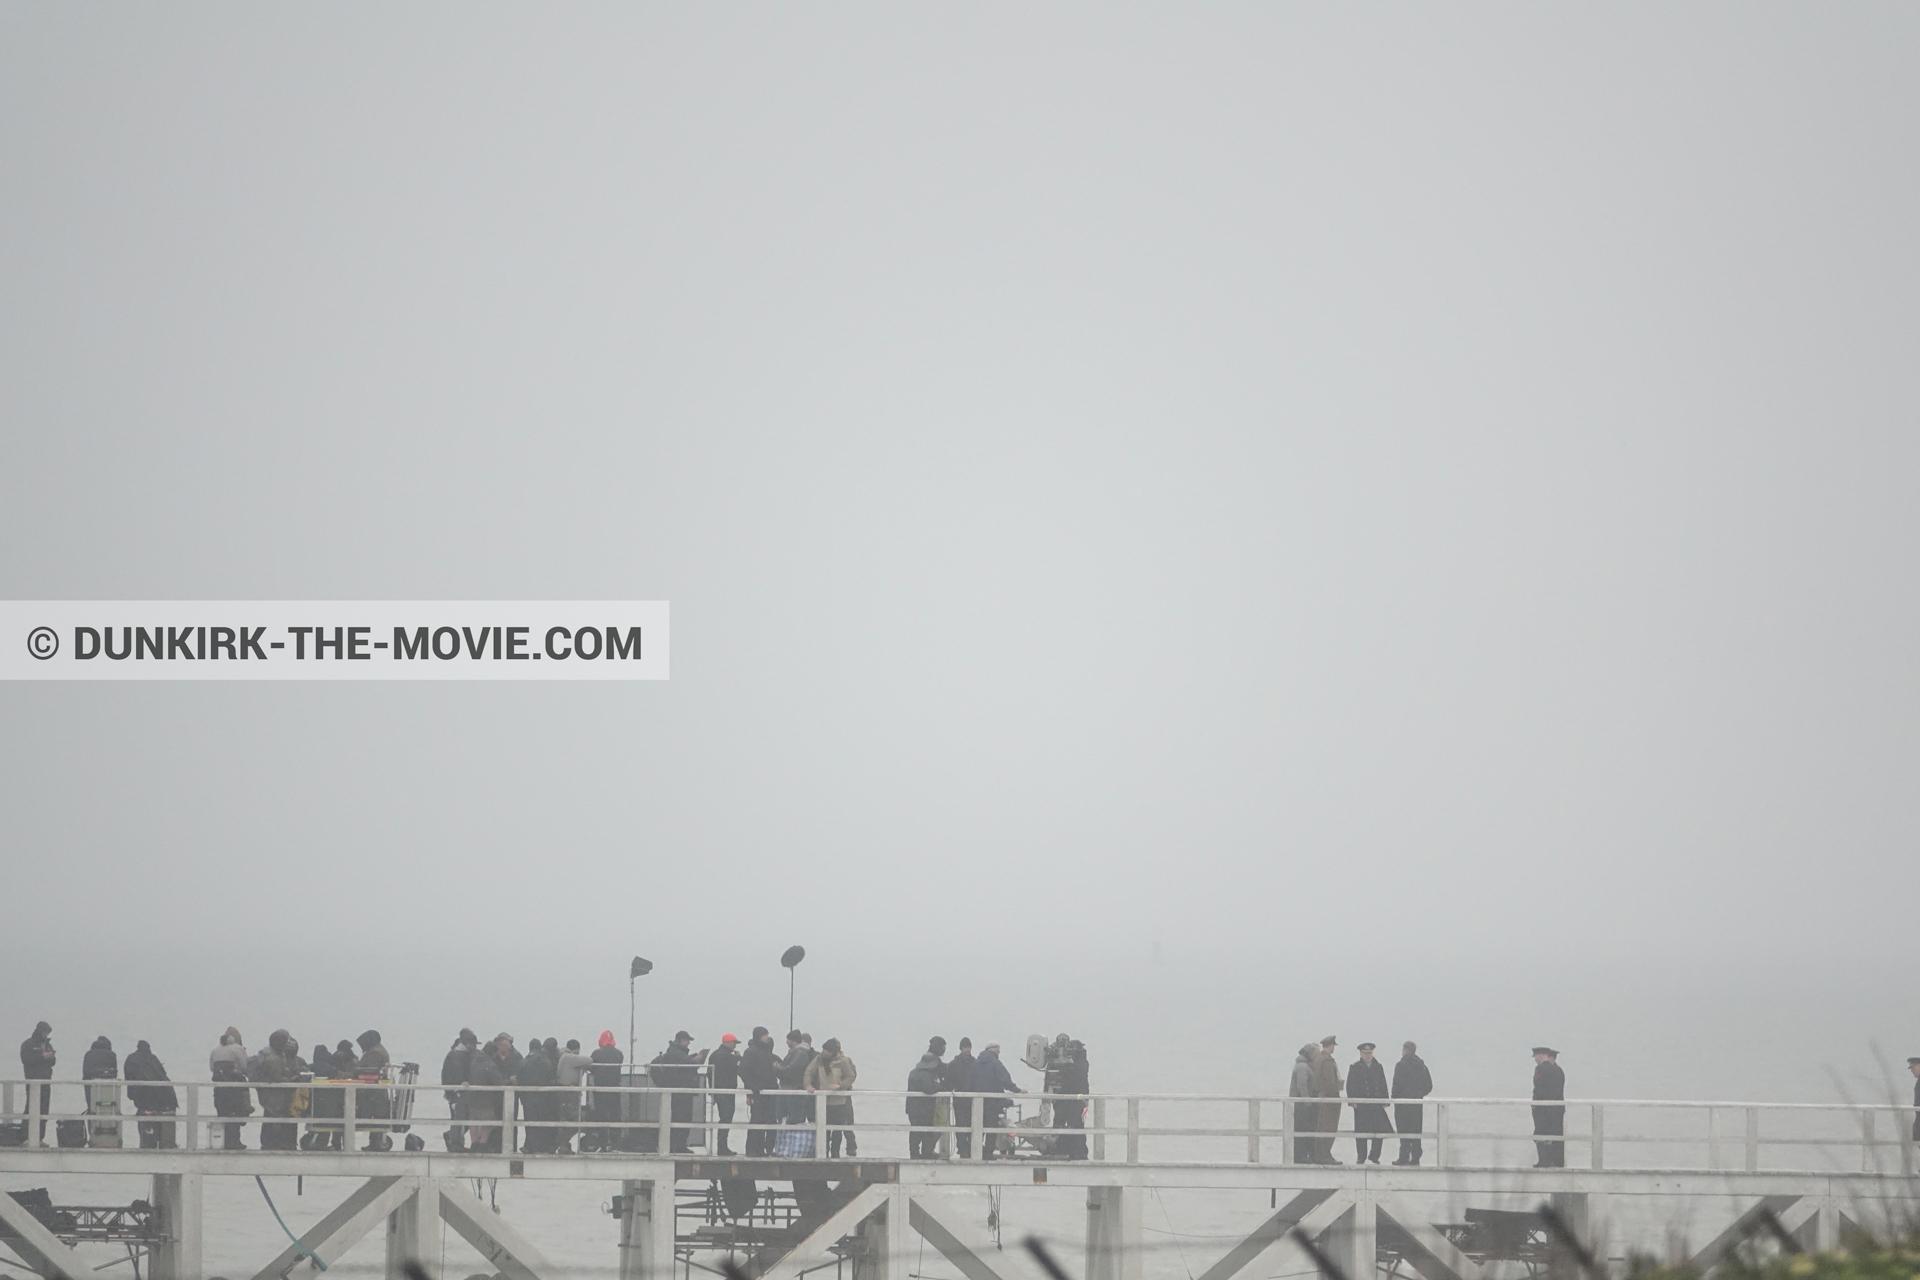 Photo sur toile numéro 45, des dessous du film Dunkerque